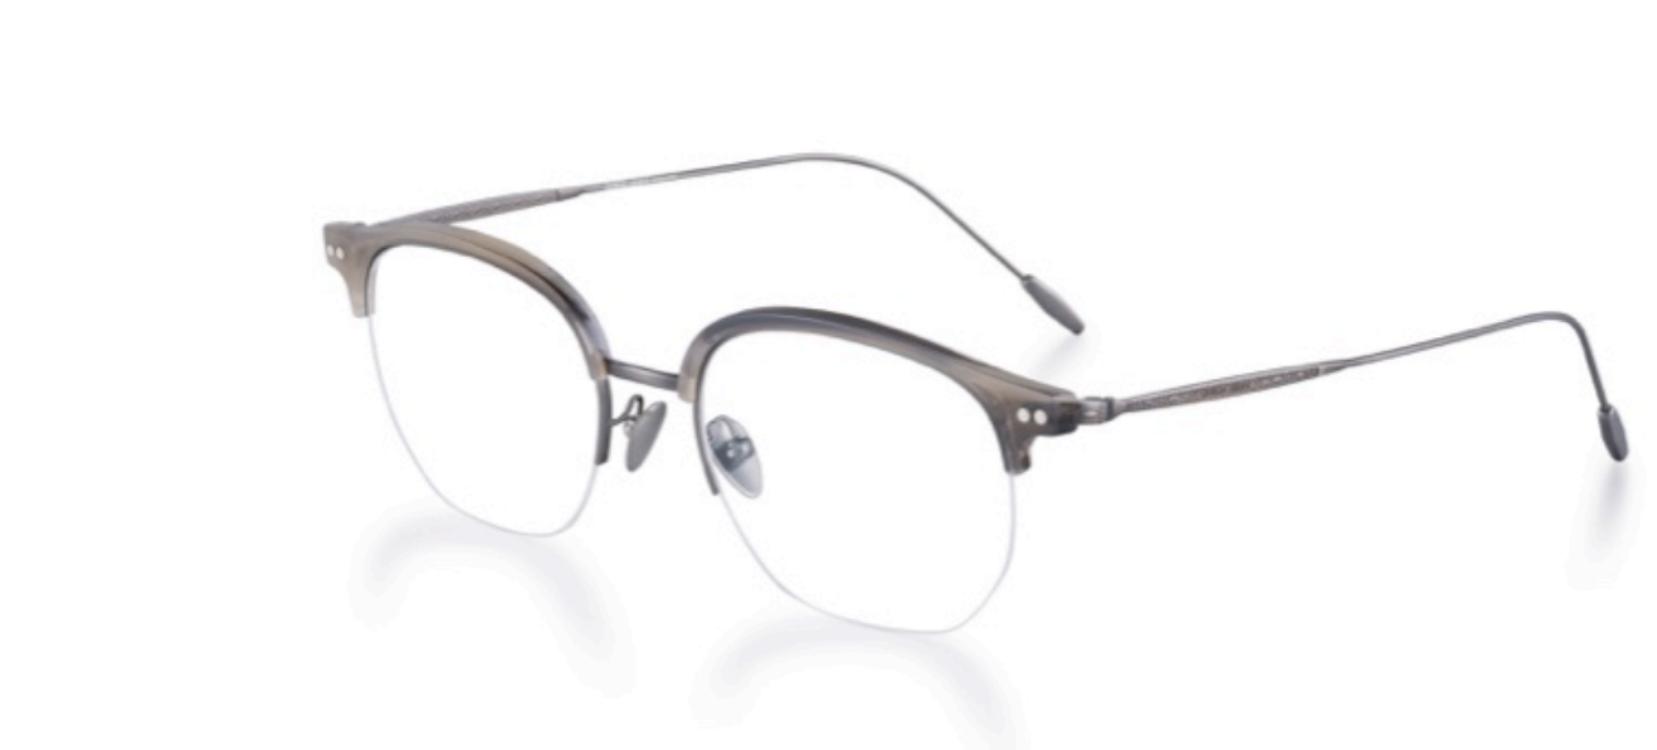 c77cadd9bad8d Tenha os seus óculos Giorgio Armani Primavera  Verão graduados em 20 ...